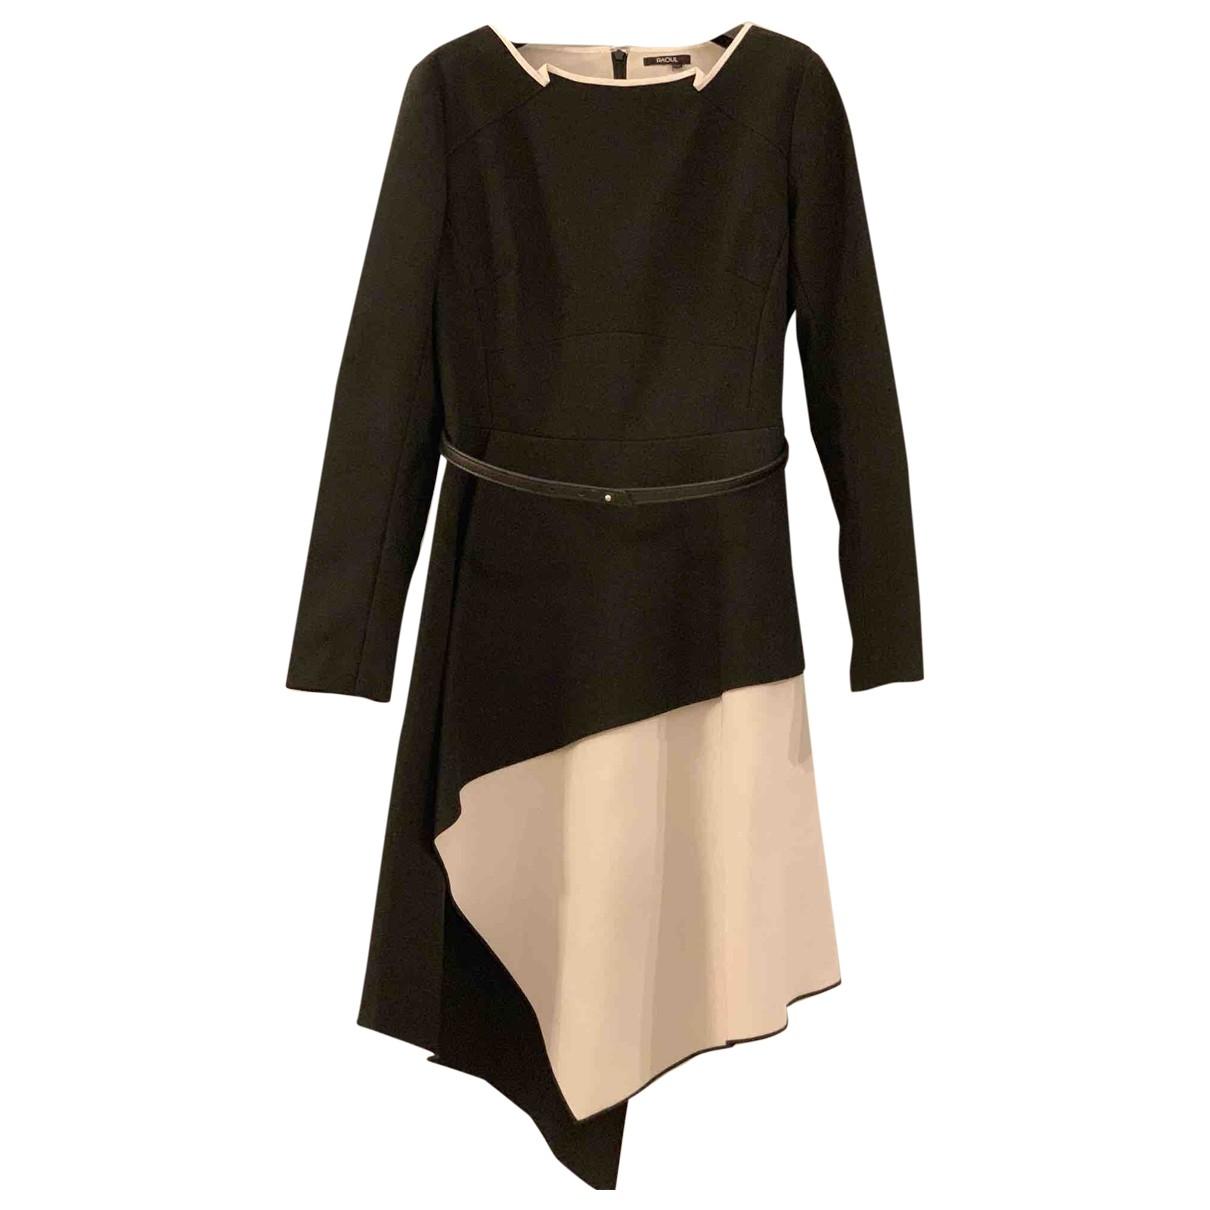 Raoul \N Black dress for Women 14 UK